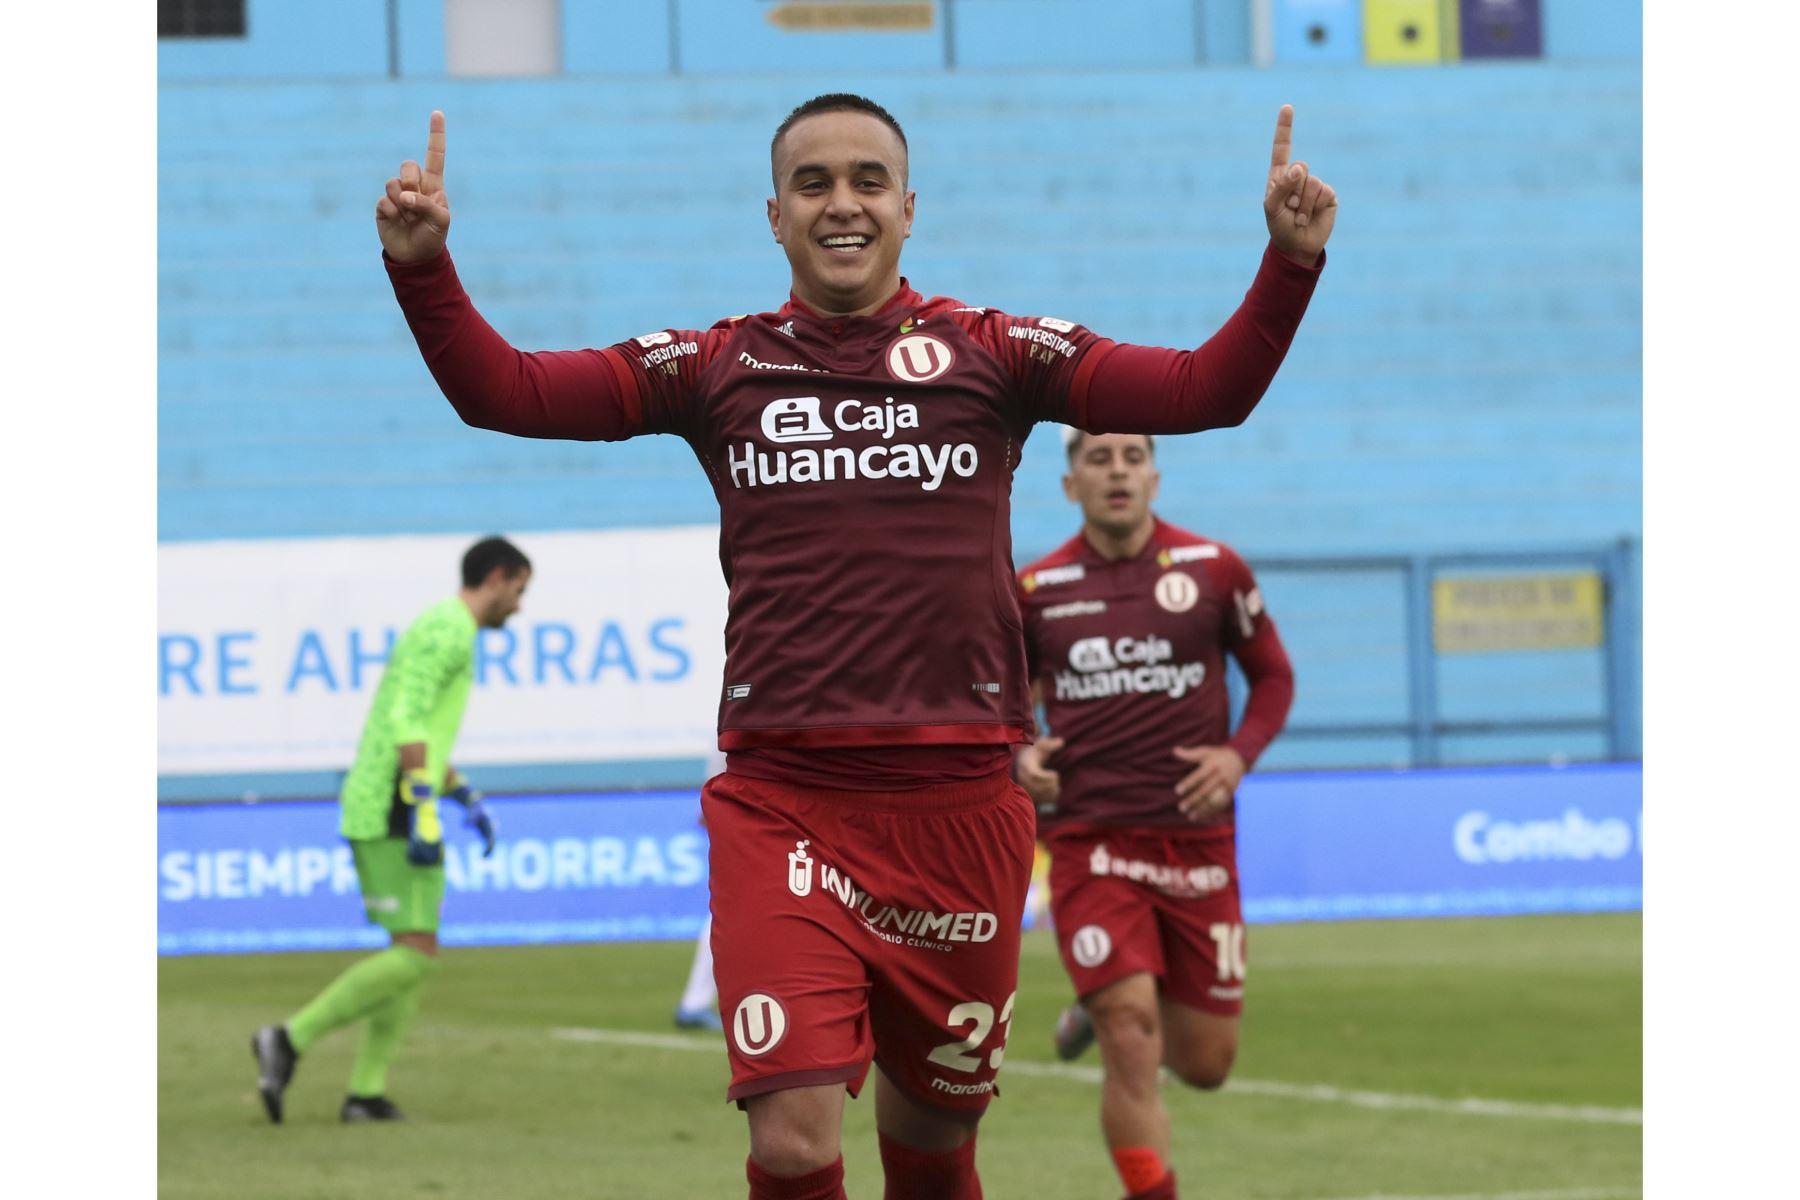 Jesús Barco celebra luego de anotar en la goleada de Universitario de Deportes a Deportivo Municipal que culminó 5-0 por la fecha 15 del Torneo Apertura de la Liga 1.  Foto: FPF  Foto: FPF